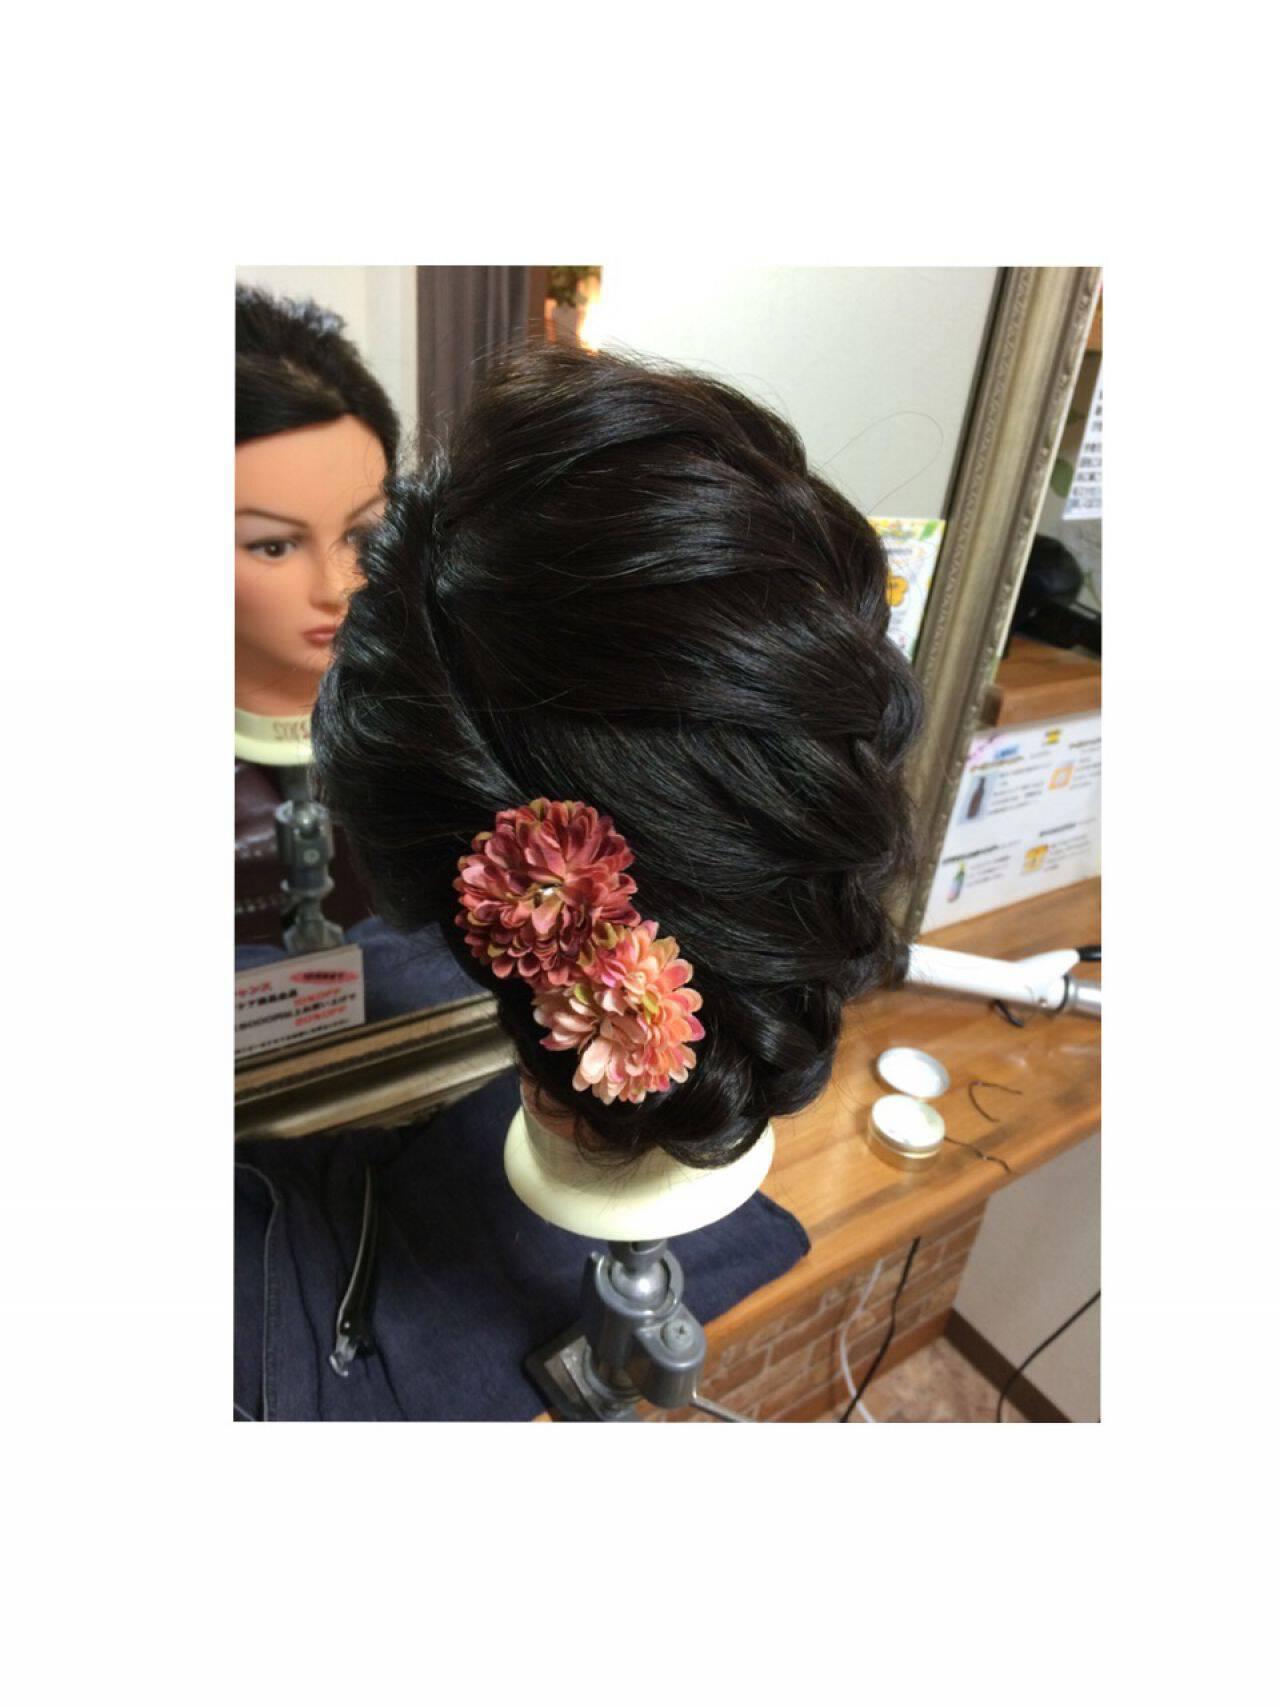 ヘアアレンジ 編み込み ロング まとめ髪ヘアスタイルや髪型の写真・画像